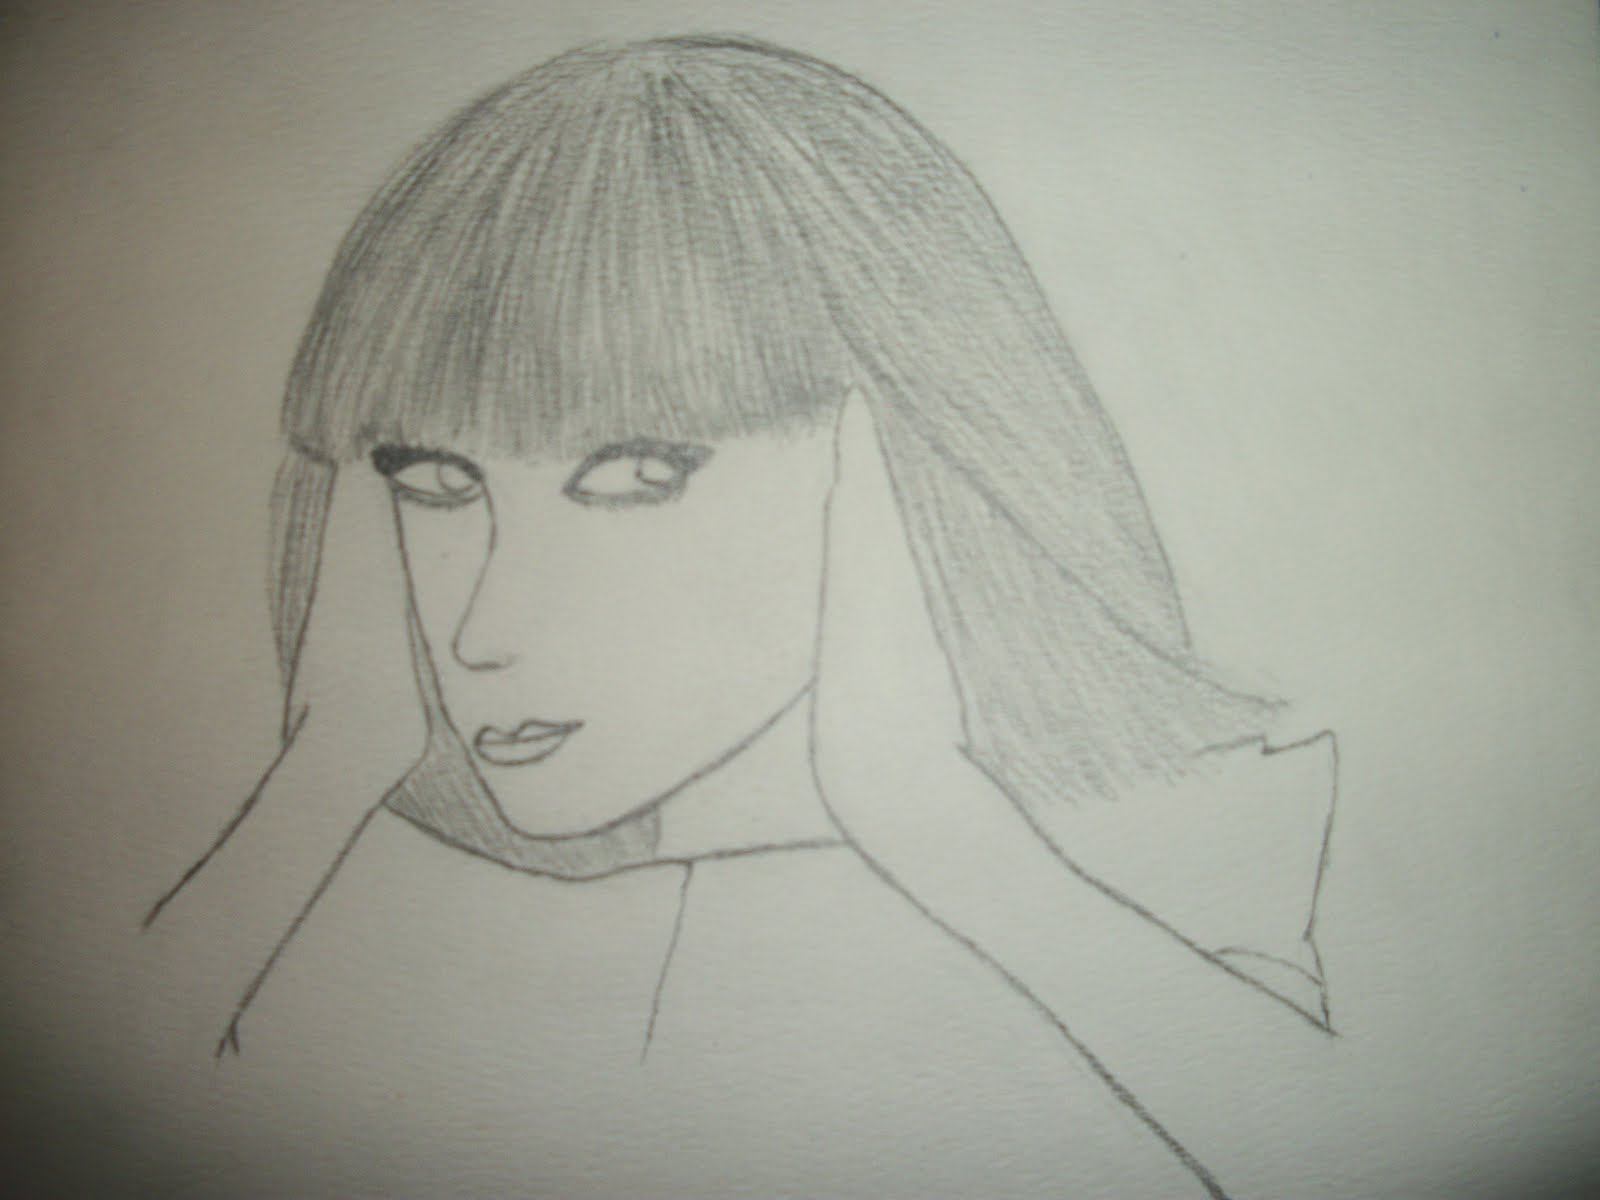 http://3.bp.blogspot.com/_HBdUEe71QH0/S8vOOK09keI/AAAAAAAAAyo/arkNxh-W1Ow/s1600/100_2223.jpg